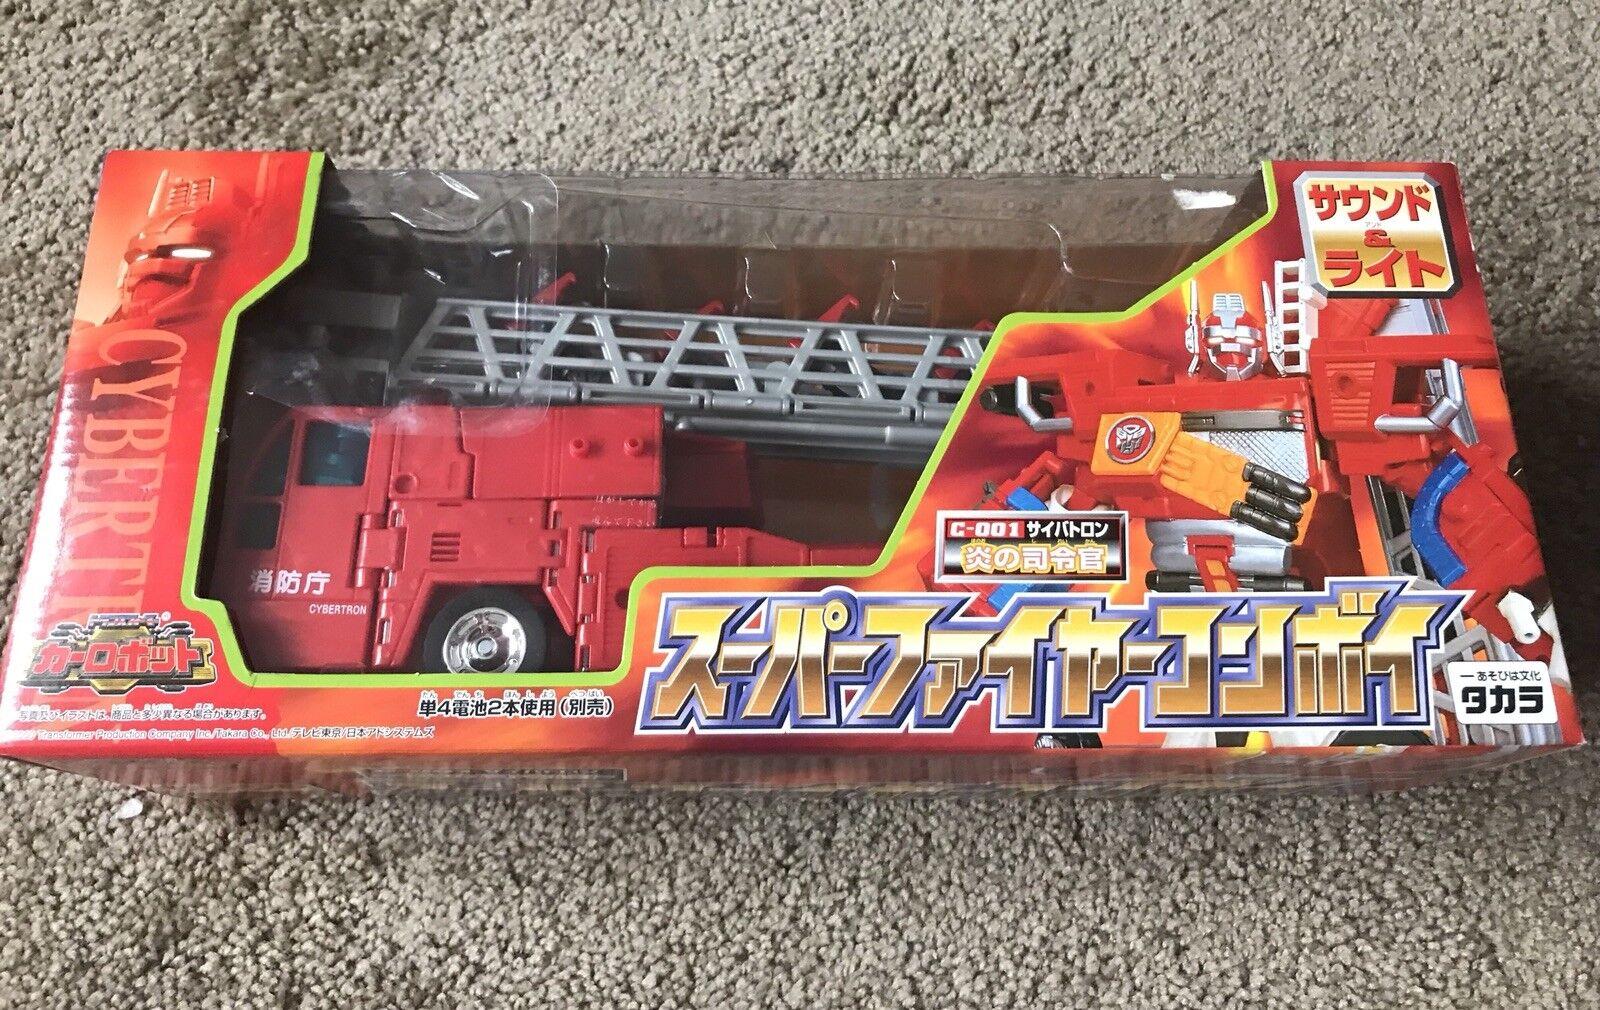 Brand new Transformers RID Cybertron C-001 Optimus Prime Super Fire Convoy Rare